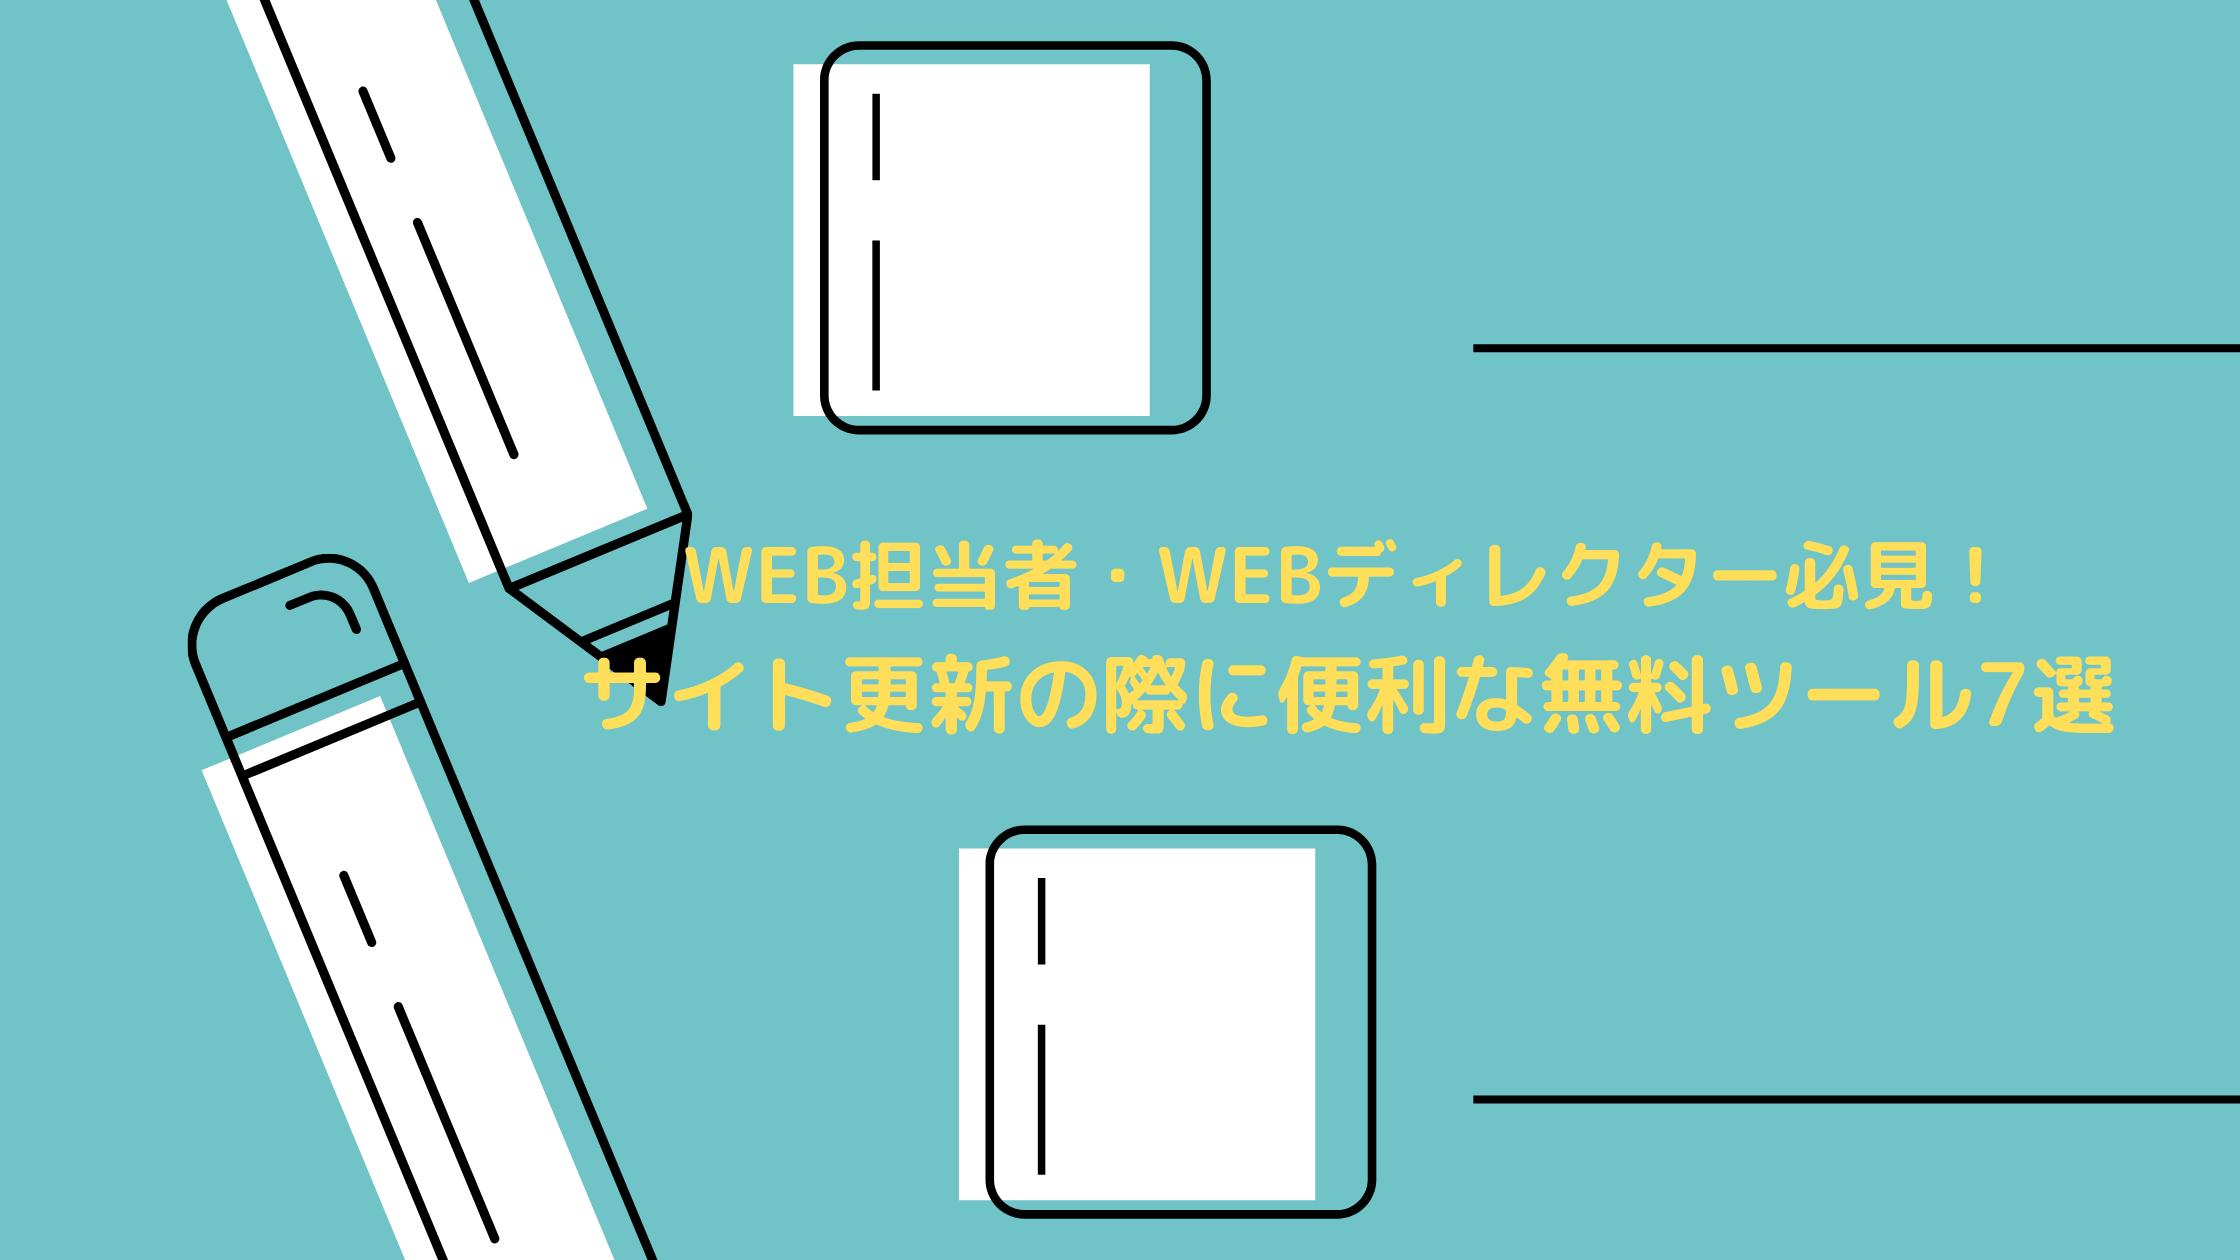 Web担当者・Webディレクター必見!サイト更新の際に便利な無料ツール7選